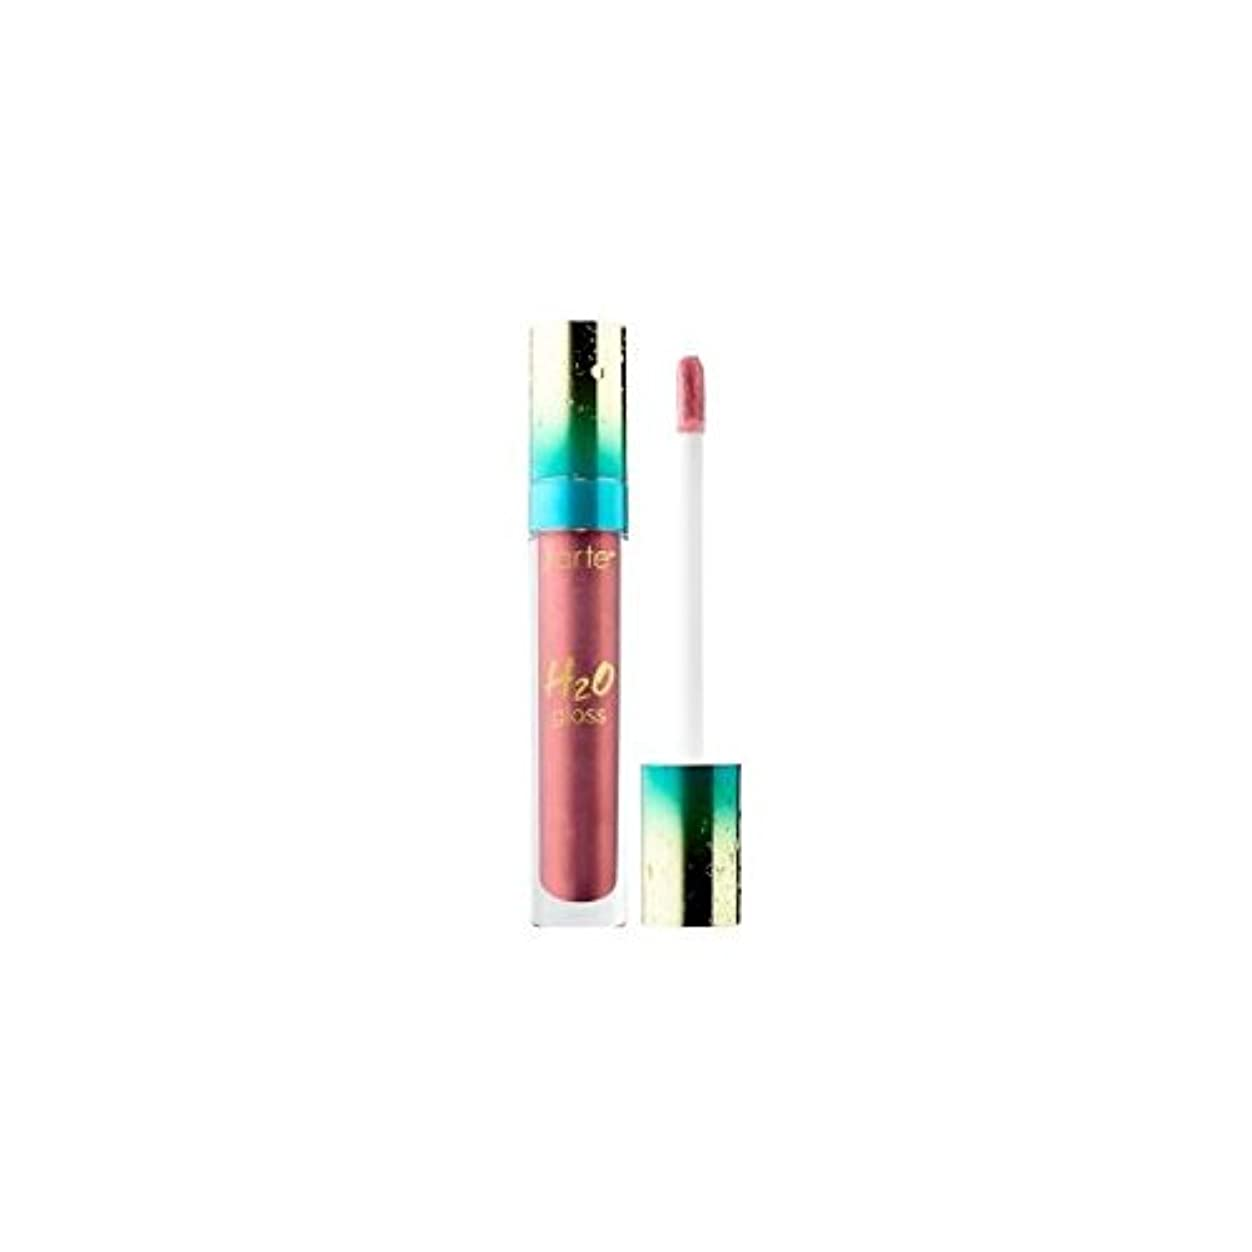 神聖枯れる余分なtarteタルト リップ グロス H2O Lip Gloss - Rainforest of the Sea Collection Shimmer finish